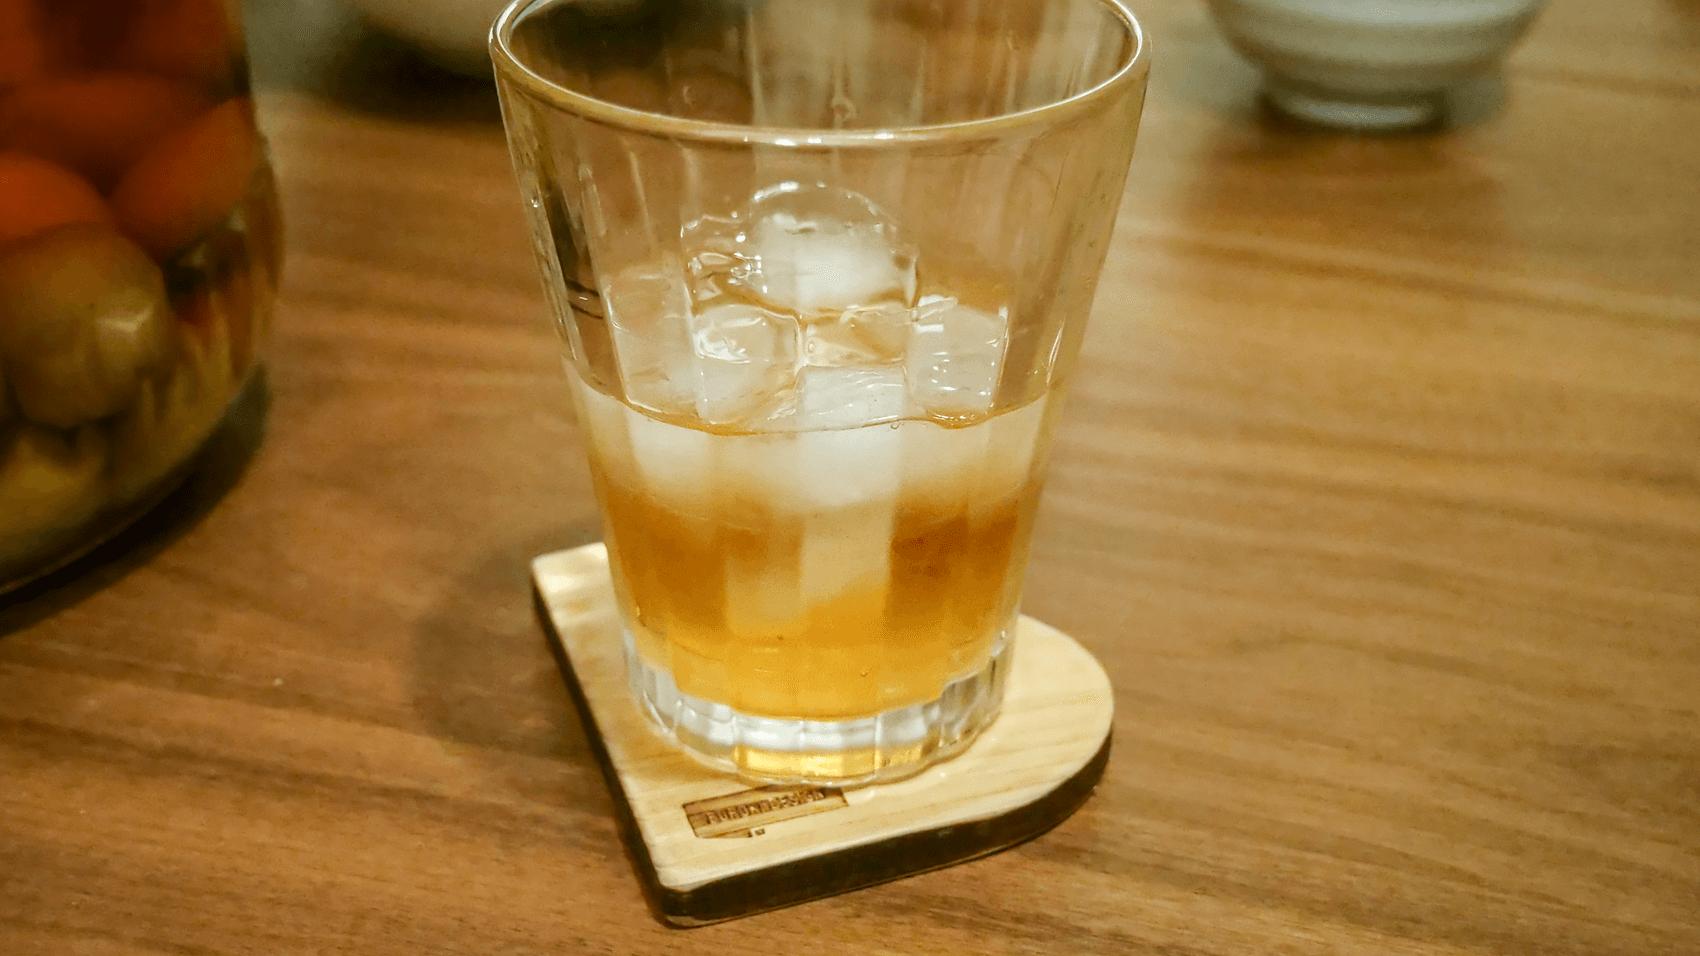 オリジナルコースターの上に置いた梅酒